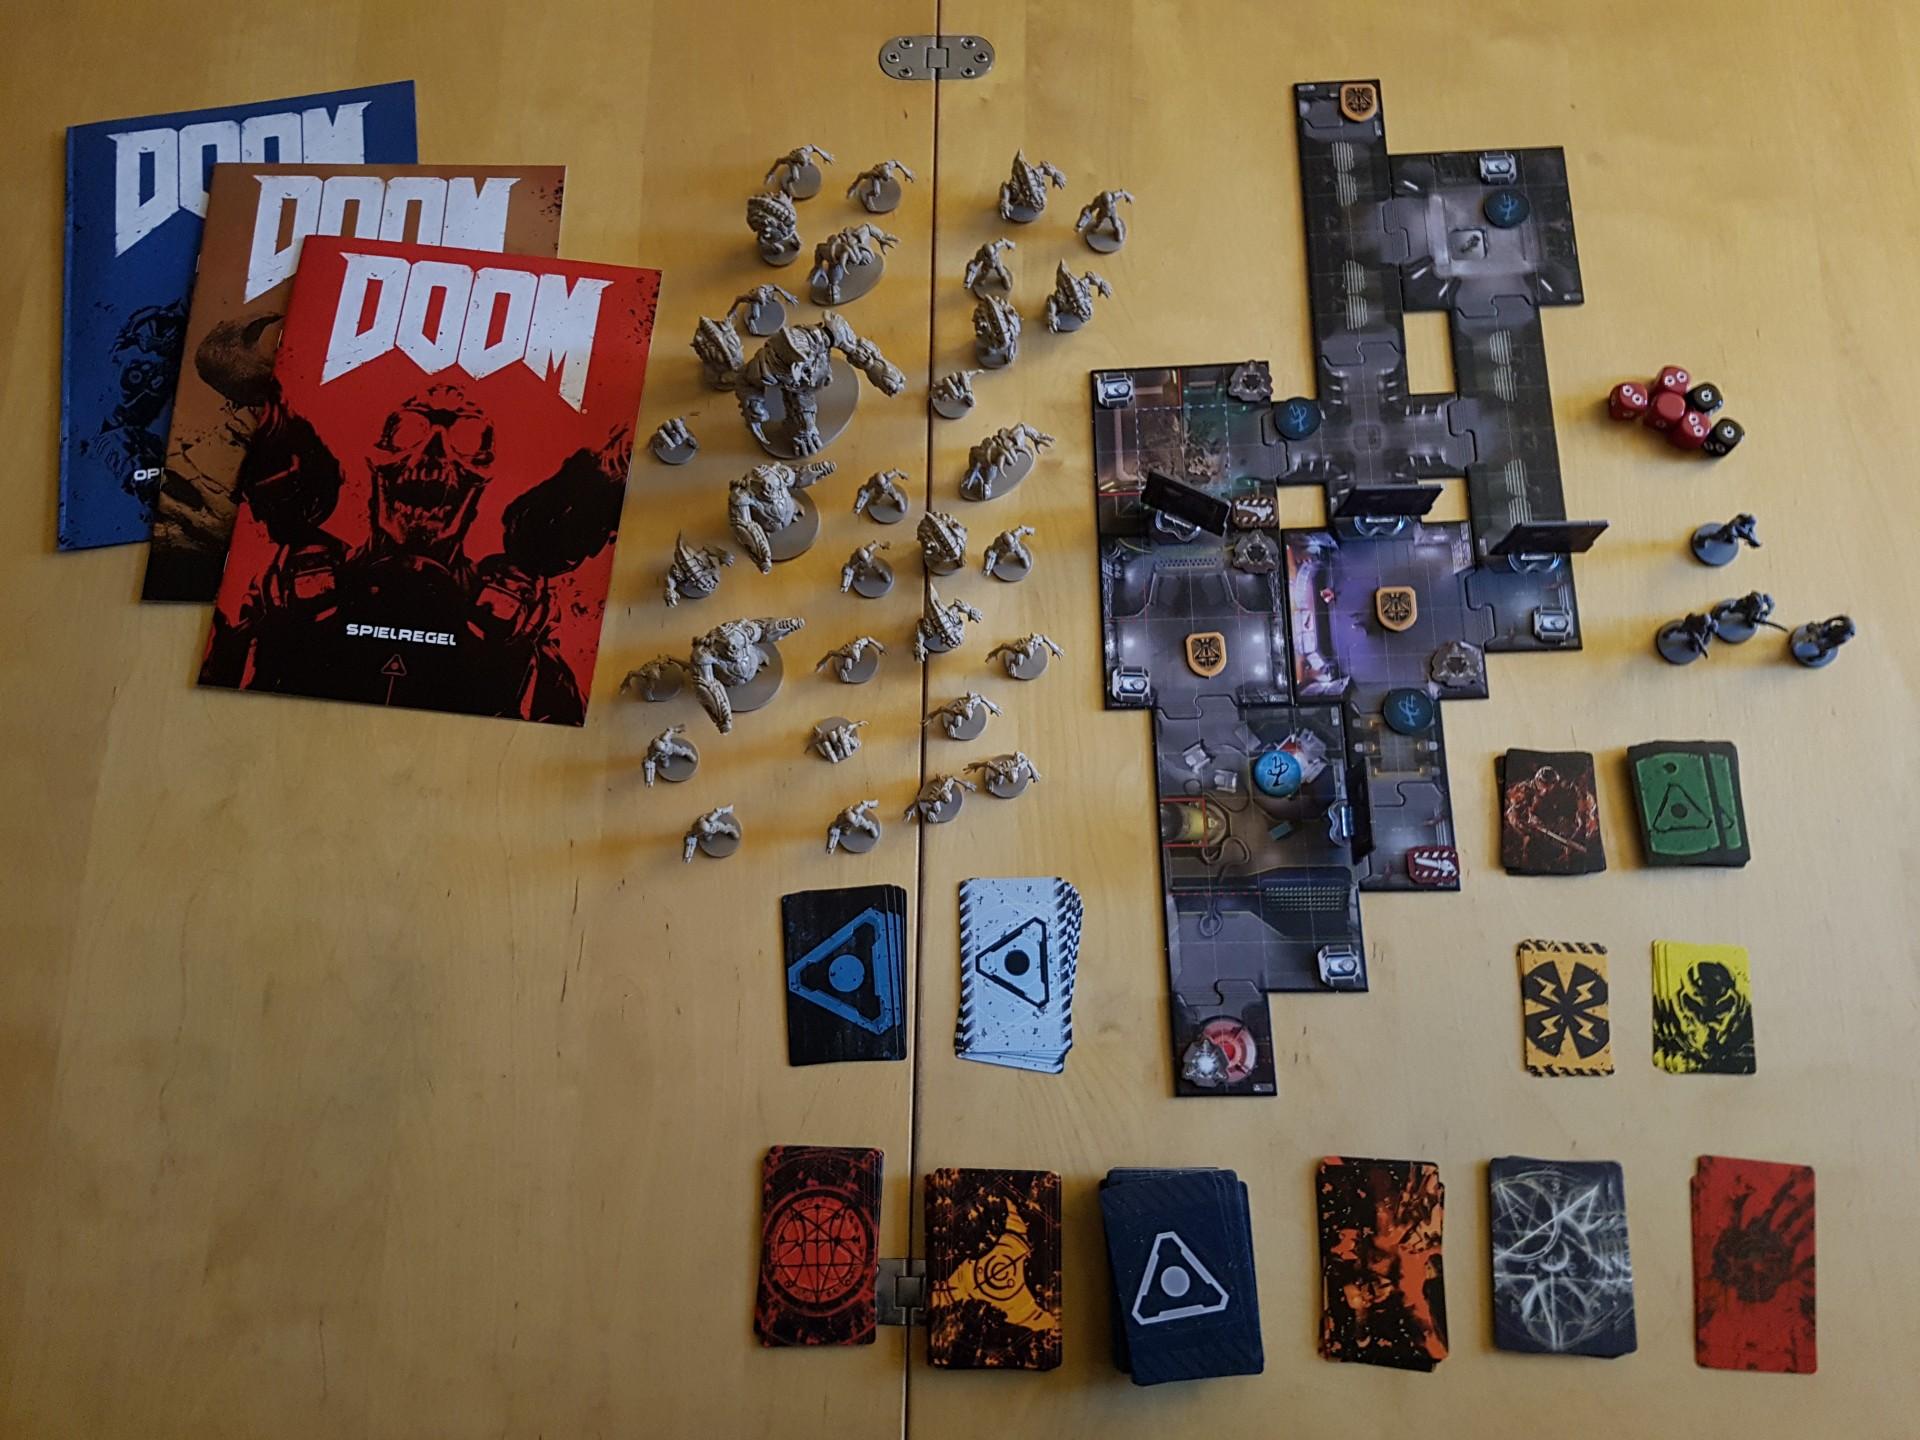 Doom-Brettspiel-Neuauflage im Test: Action am Wohnzimmertisch - Doom - Das Brettspiel (Foto: Achim Fehrenbach)